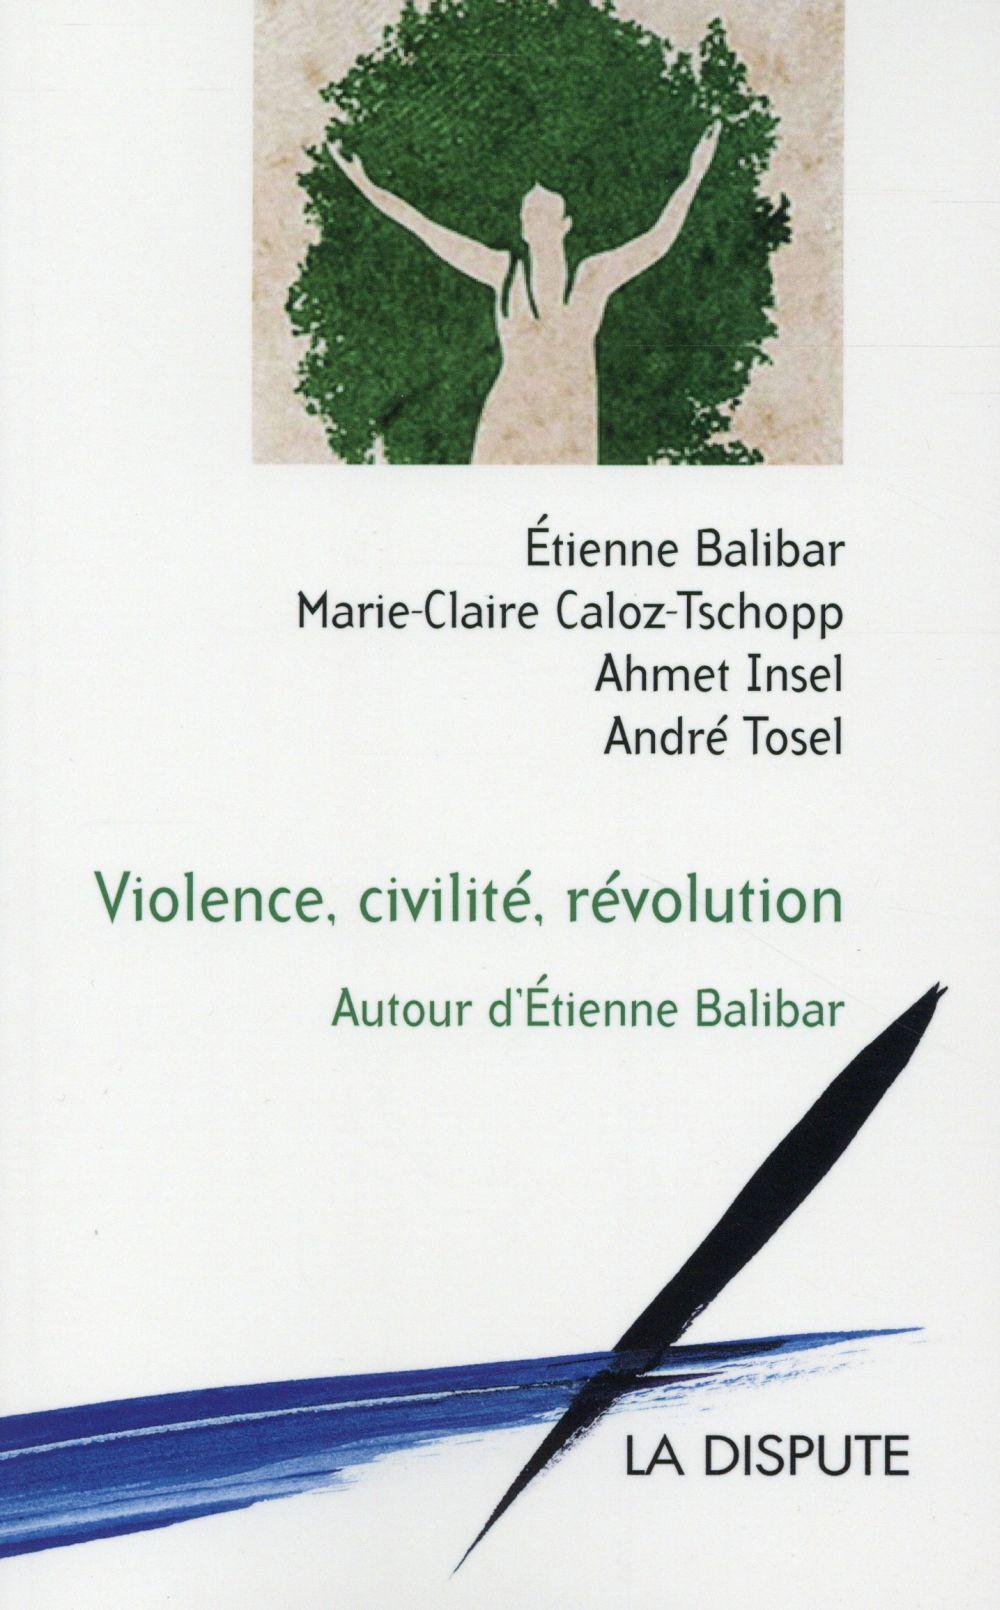 Violence, civilité, révolution ; autour d'Etienne Balibar